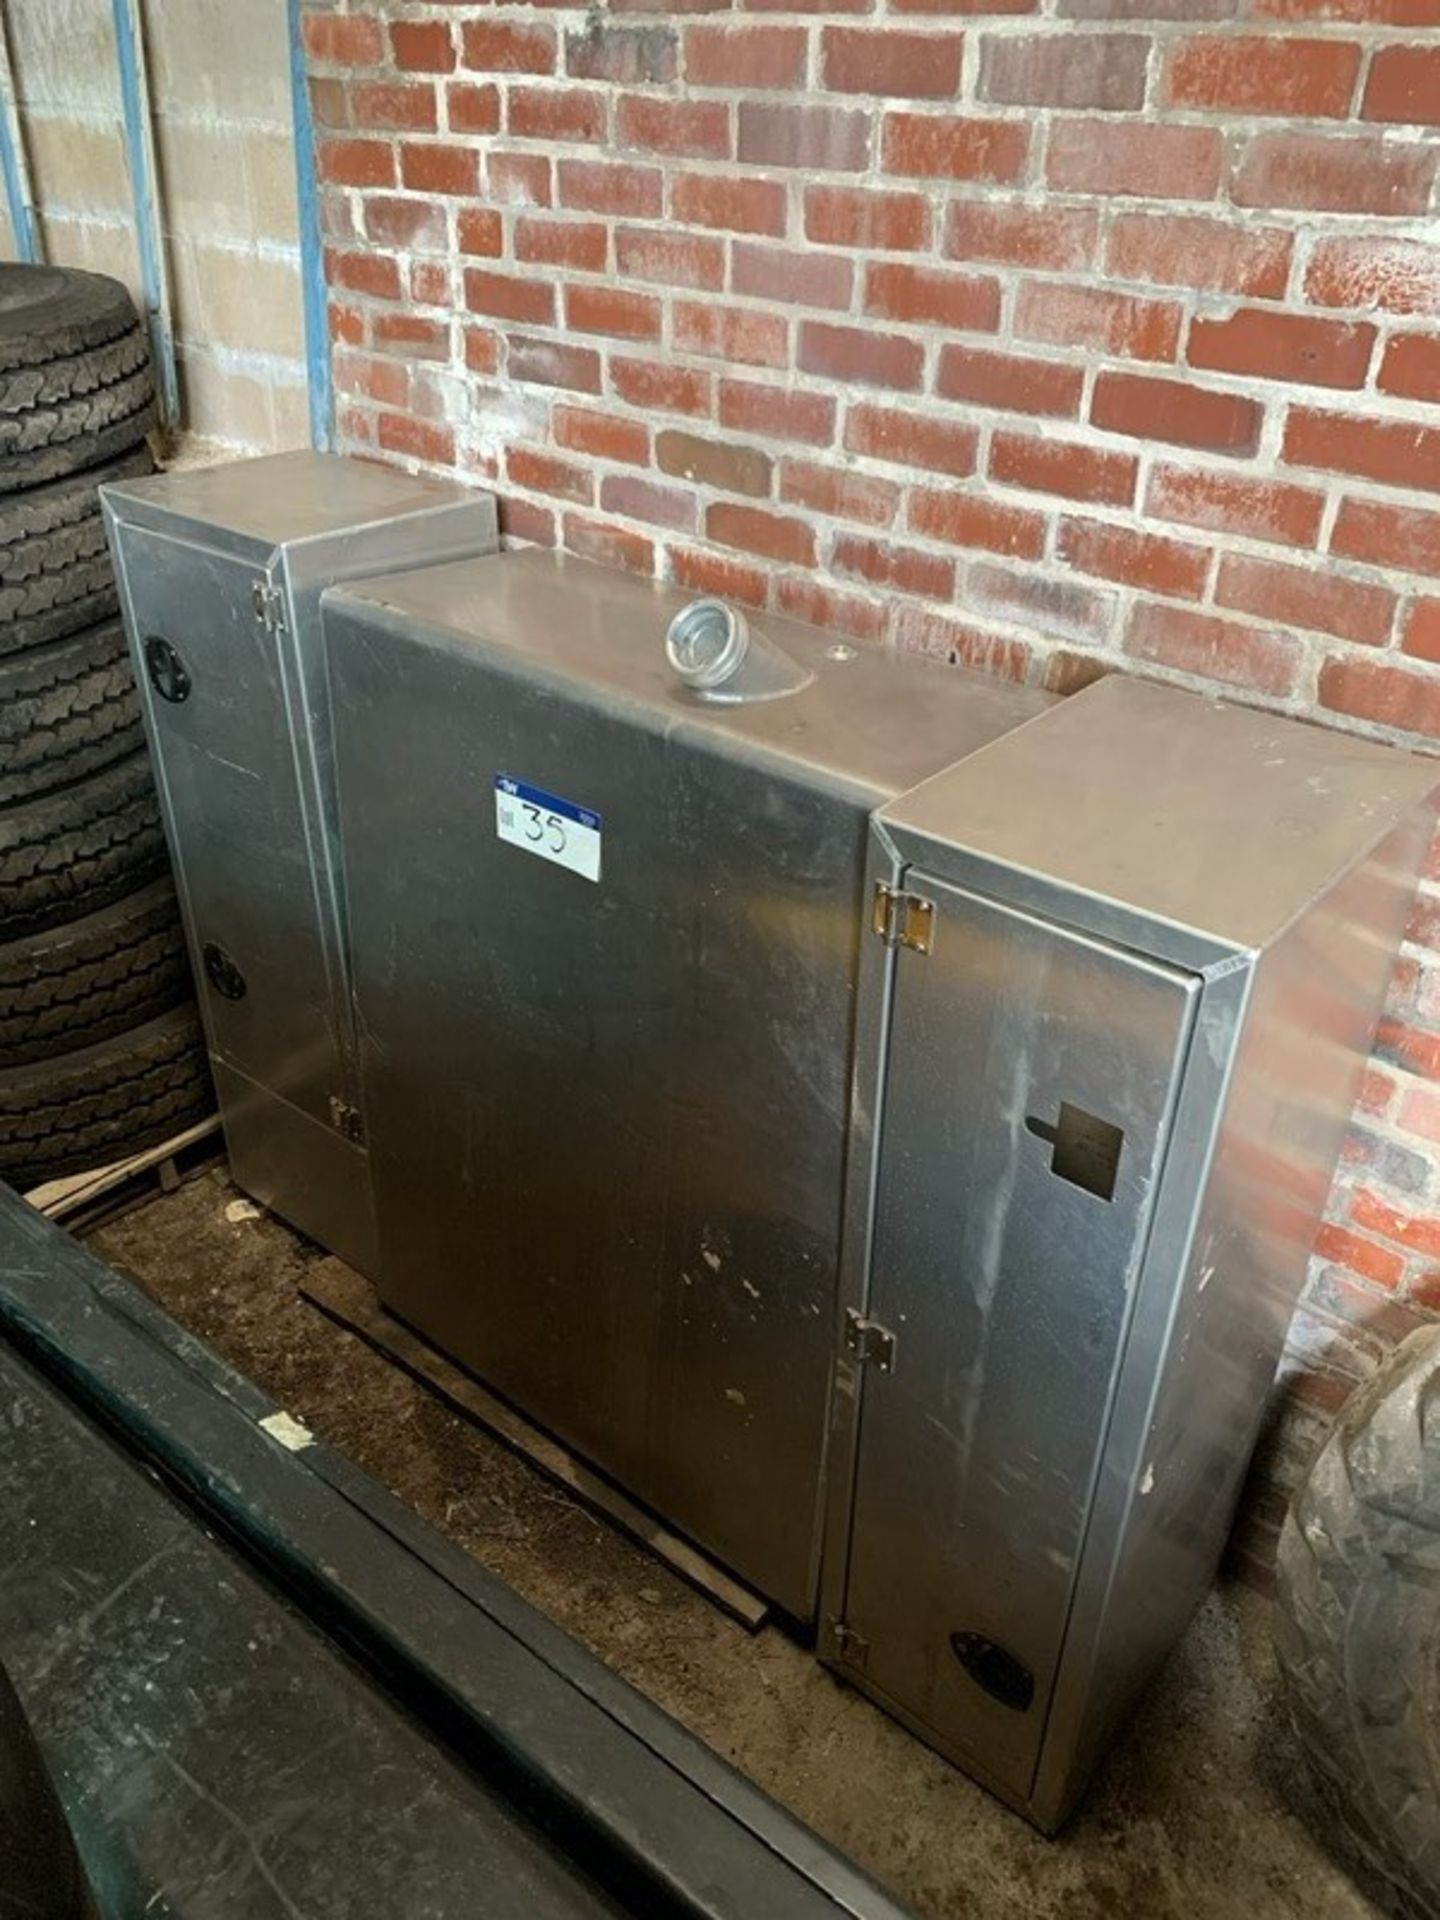 Aluminium Tractor Unit Diesel Tank/ Locker Unit, tank approx. 1070mm x 500mm x 1450mm deep, - Image 2 of 2